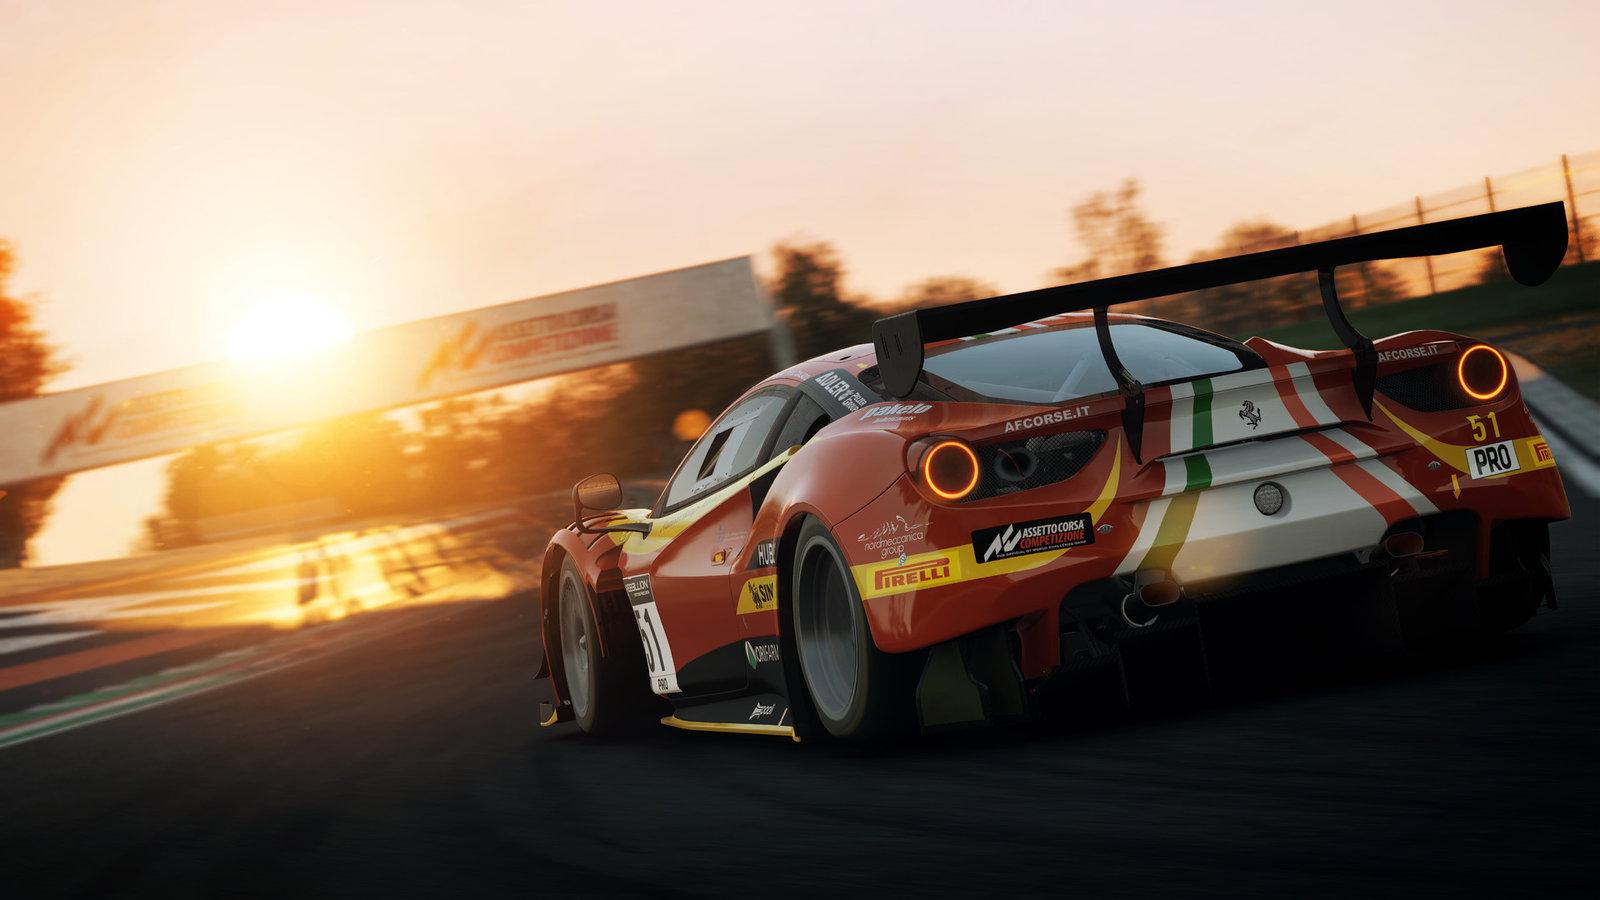 Assetto Corsa Competizione - 2020 GT World Challenge Pack image 1